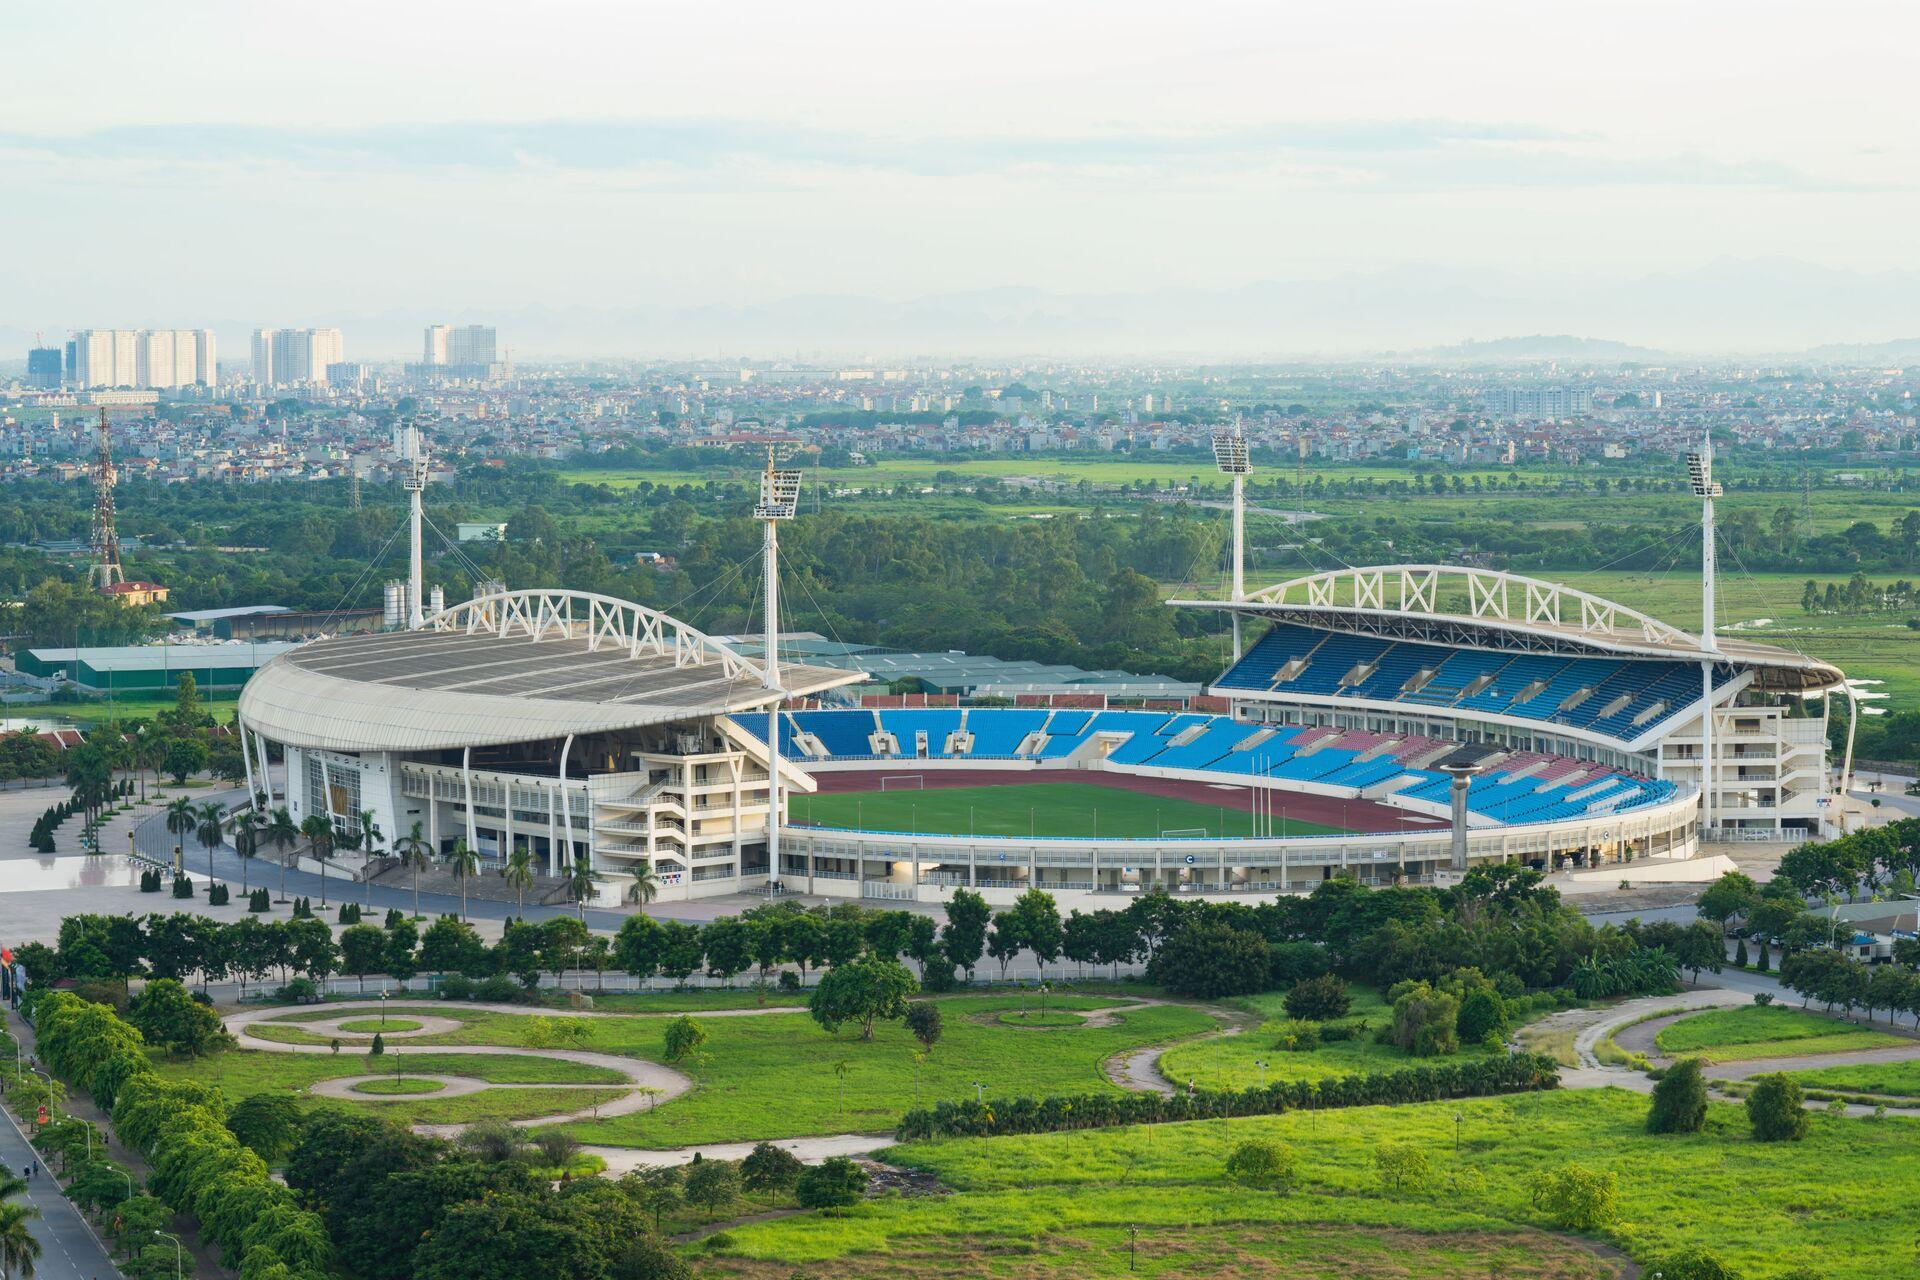 VFF: Đội tuyển Việt Nam sẽ đá vòng loại thứ 3 World Cup 2022 trên sân Mỹ Đình - Sputnik Việt Nam, 1920, 14.07.2021